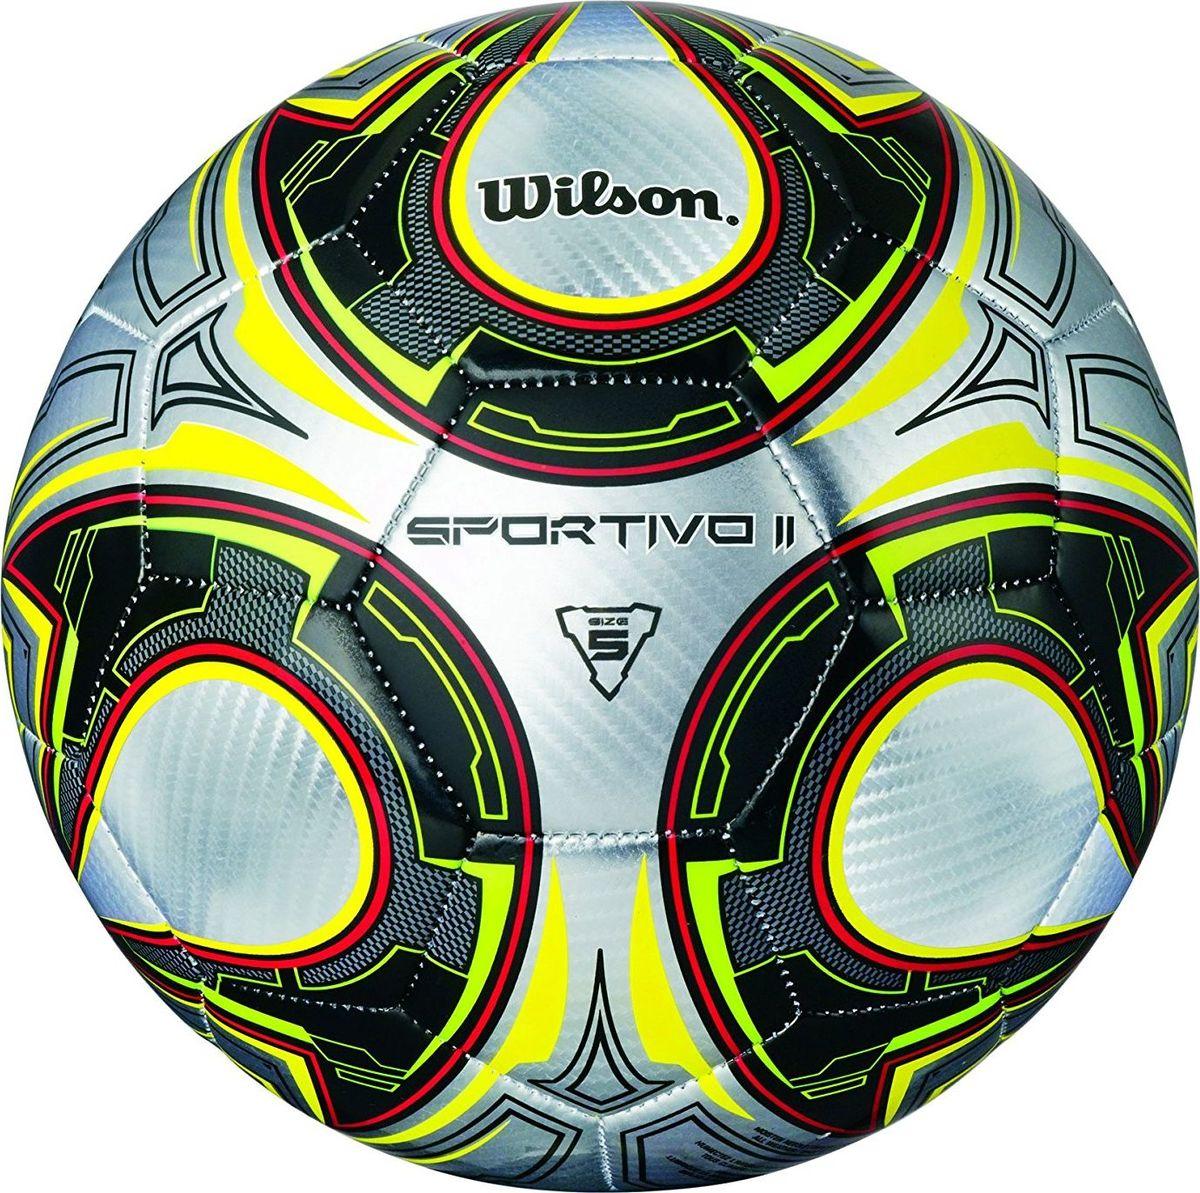 Мяч футбольный Wilson Sportivo II, цвет: черный, серый, желтый. Размер 5WTE8626XB05Футбольный мяч Wilson Sportivo II выполнен из композитных материалов. Мяч имеет 32 панели, сшитые вручную. Устойчив к трению и износу, подходит для игры на любых поверхностях в любых погодных условиях. Футбольный мяч Wilson Sportivo II может выдерживать не только грунтовые поверхности, но и асфальт, он стойкий к сильным ударам, комфортный и оригинальный благодаря своему дизайну.Длина окружности: 68 см. УВАЖАЕМЫЕ КЛИЕНТЫ!Просим обратить ваше внимание на тот факт, что мяч поставляется в сдутом состоянии и надувается при помощи насоса (насос не входит в комплект).